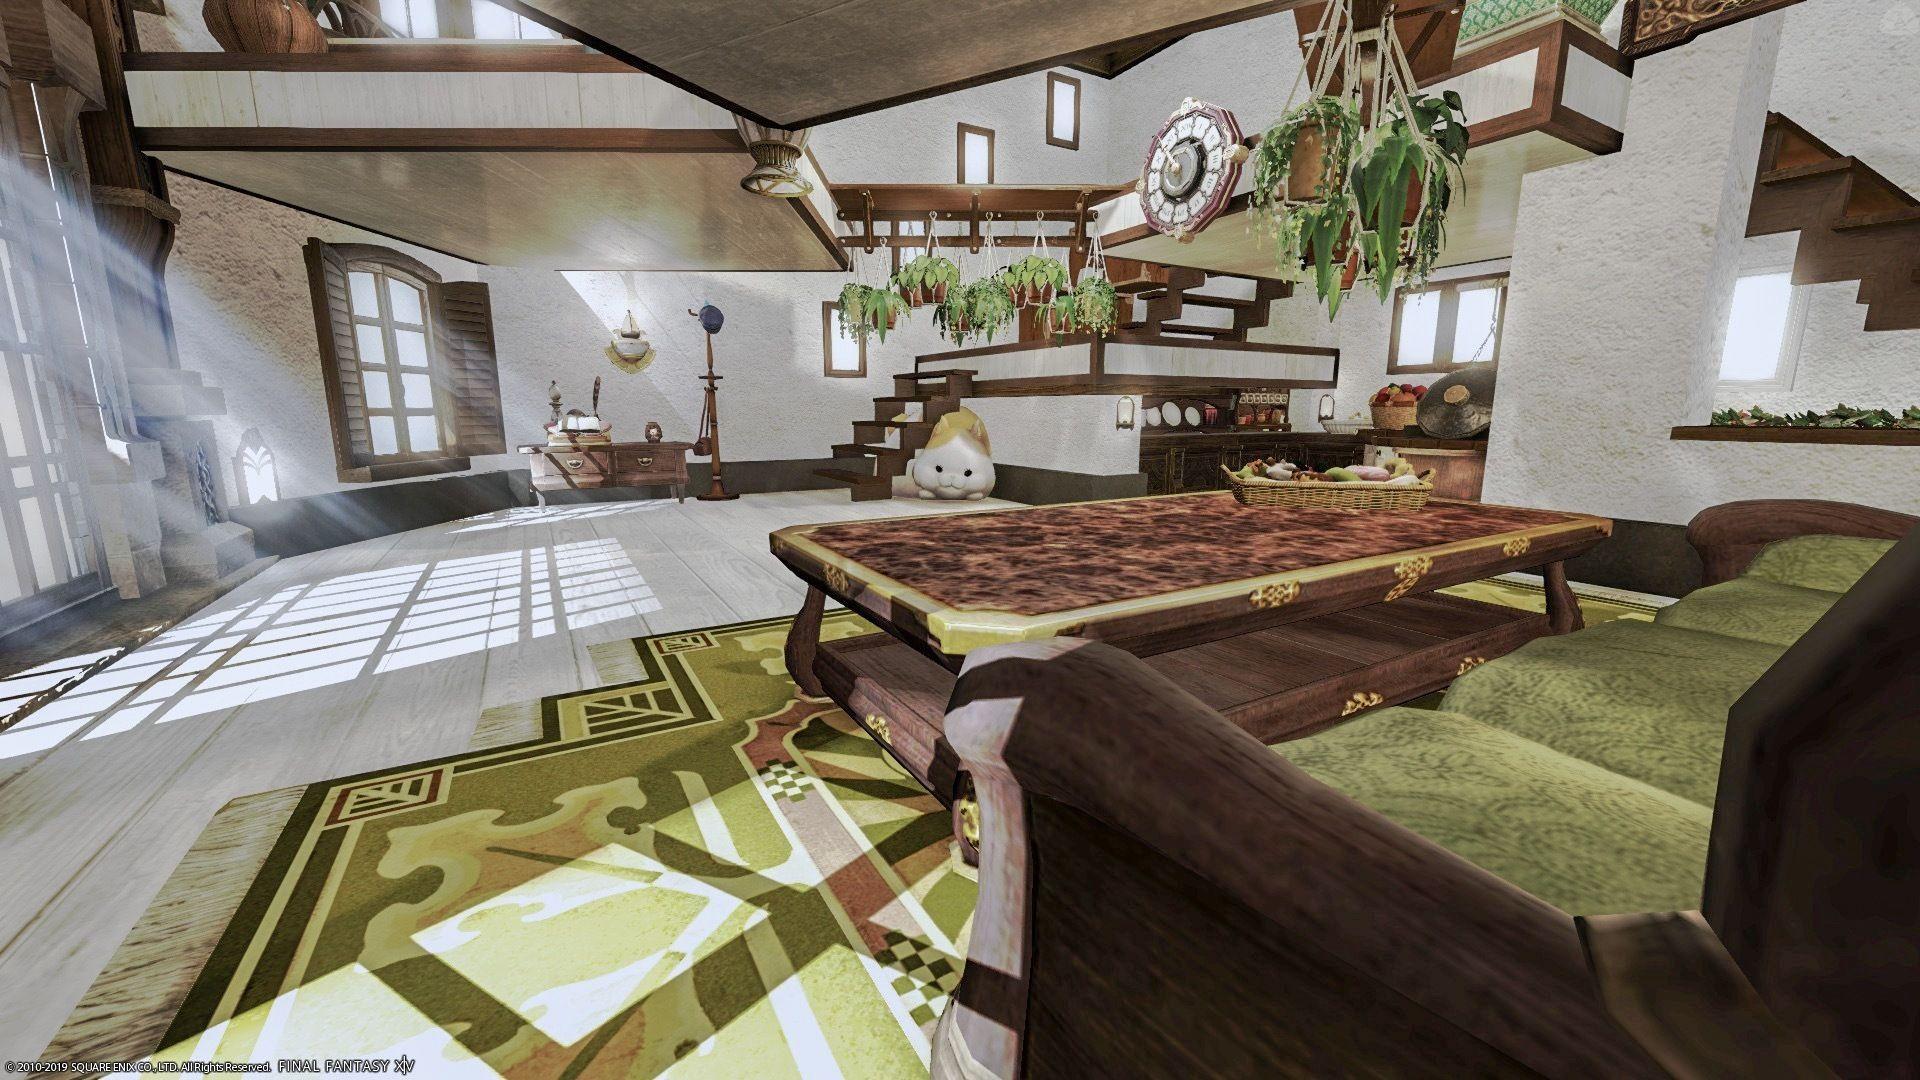 ロフトを三角形に設置し吹き抜け風に設置したので ロフトと壁の隙間から光が差しこむ時があります キッチン横 中二階ロフト下に お皿や調味料類を収納したり 色違いのタイルを2枚重ねて カラートーンを出したりもしてみました ファンタジーハウス 珍しい家